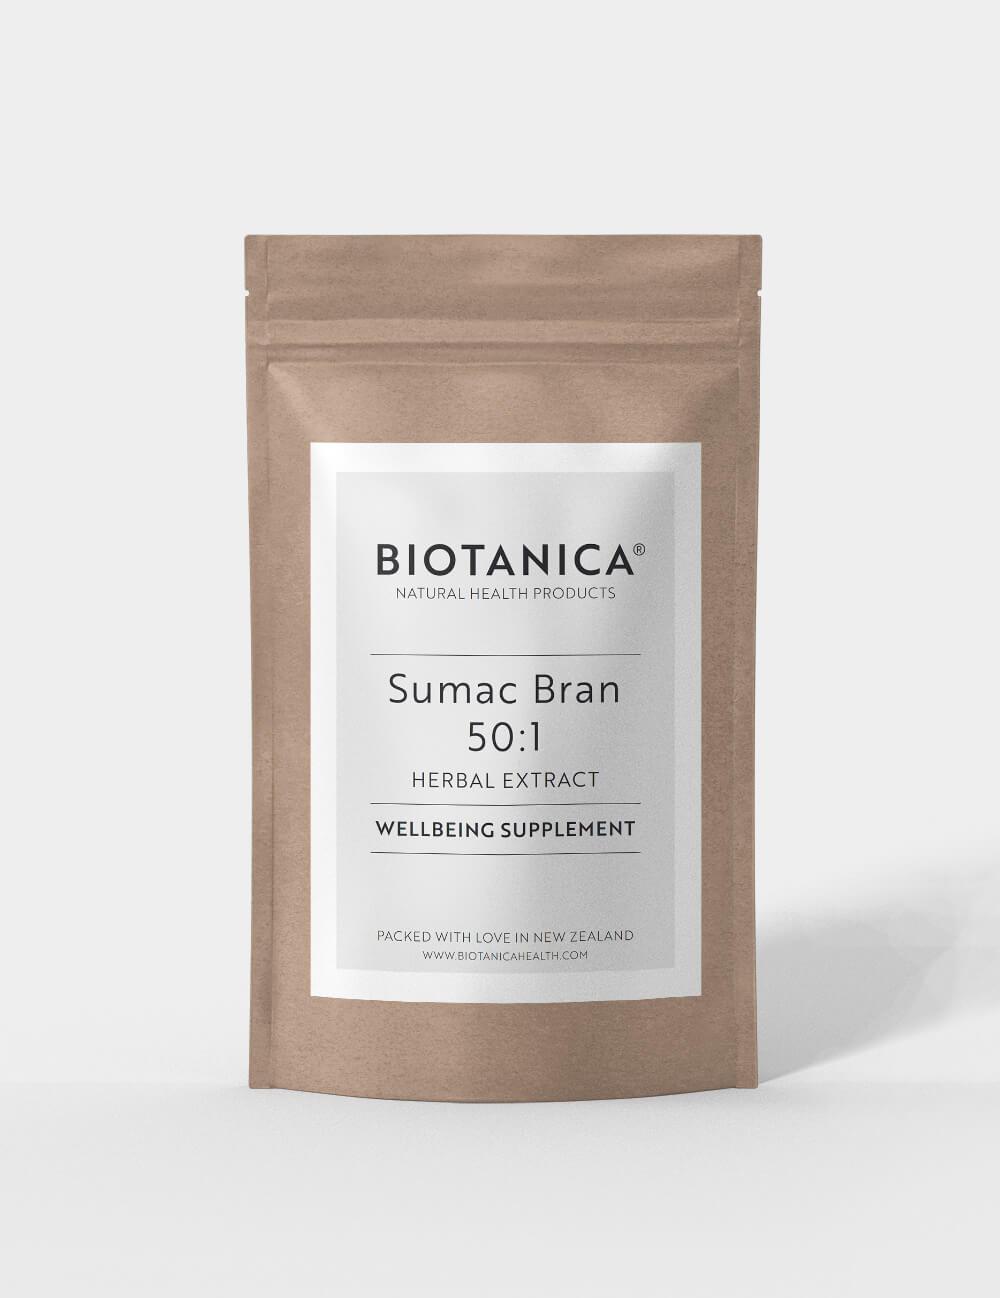 Sumac Bran Image 1